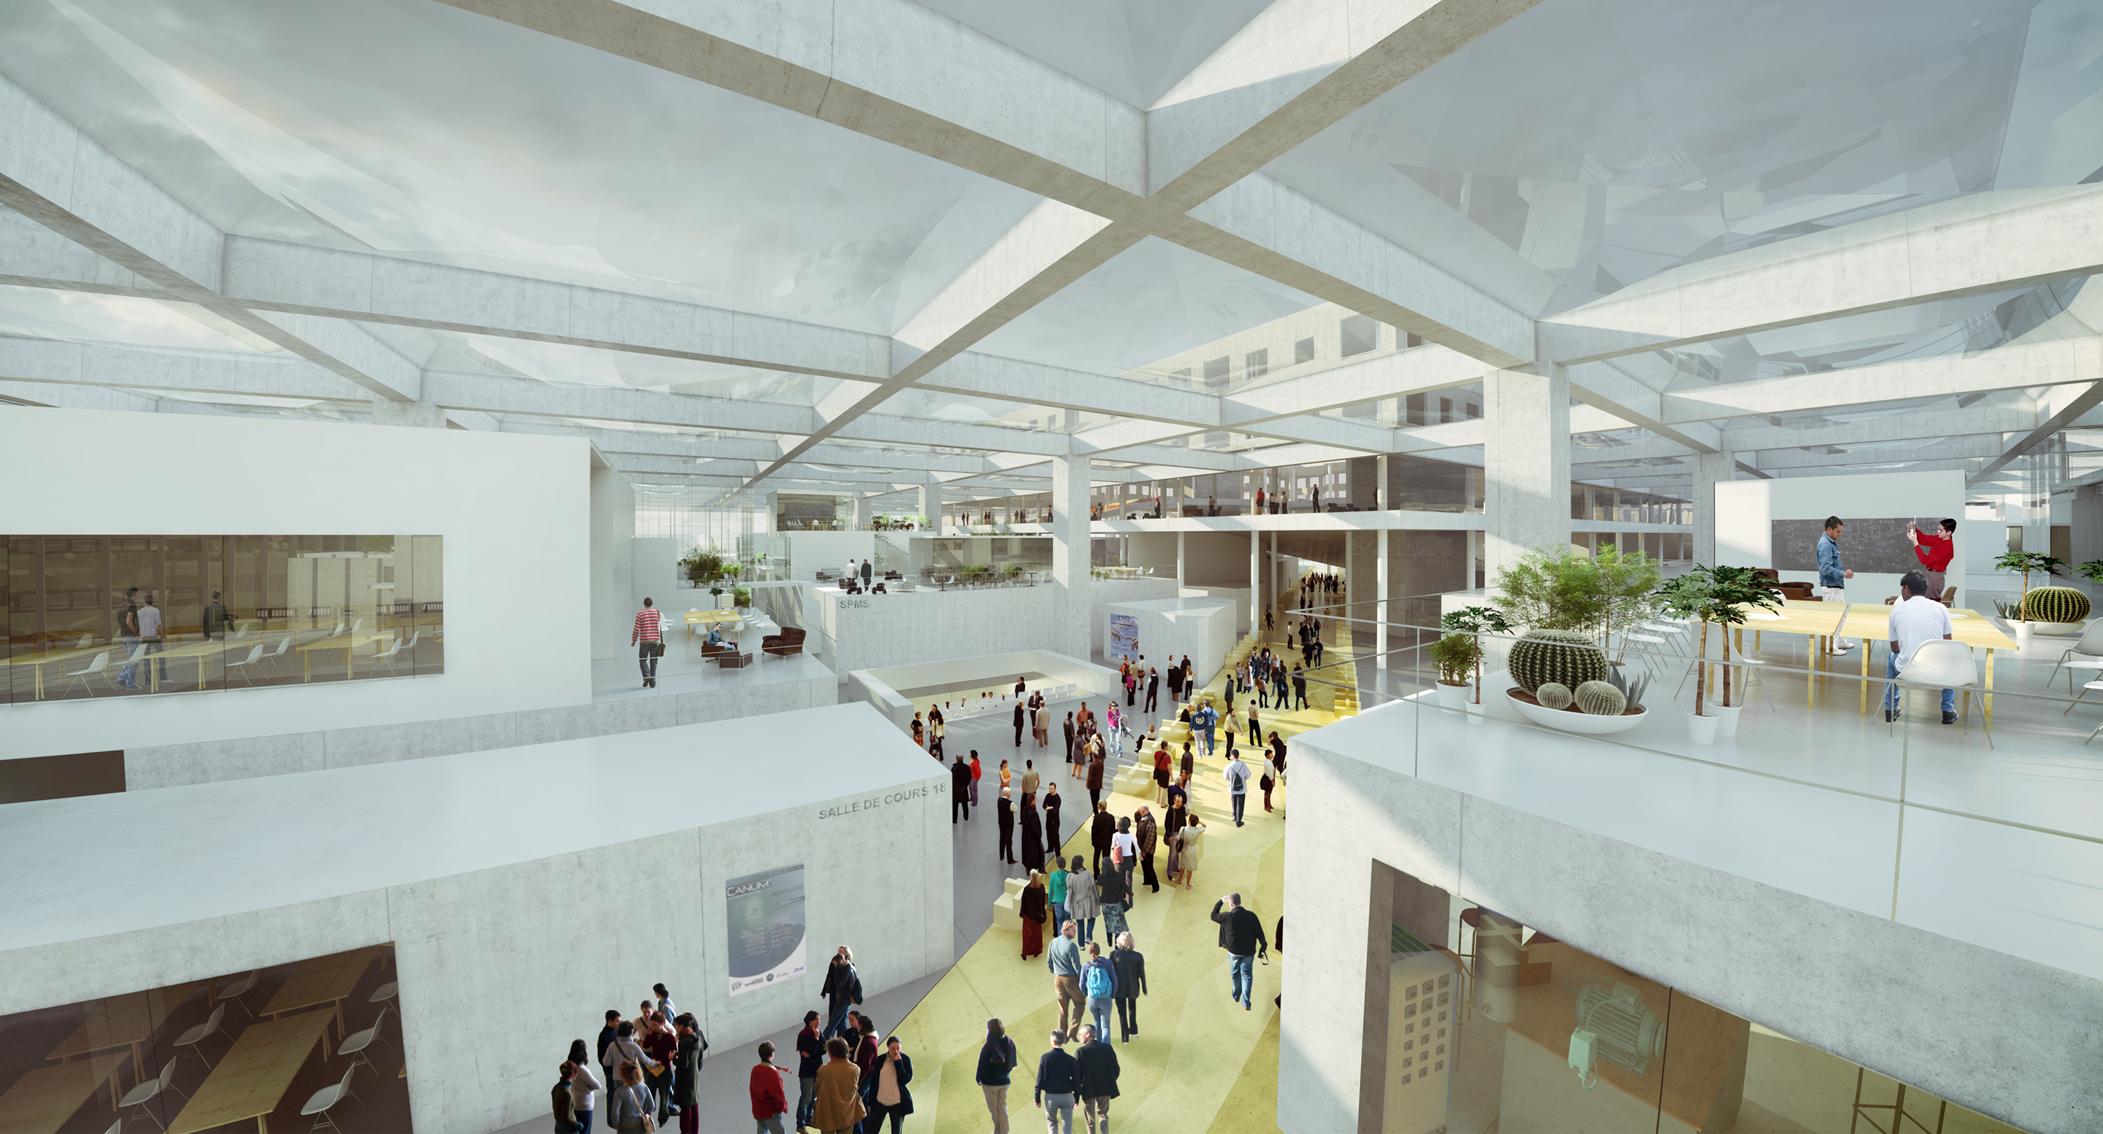 OMA vence concurso para nova Escola de Engenharia na França, Público atravessando o LabCity - Imagem cortesia da OMA